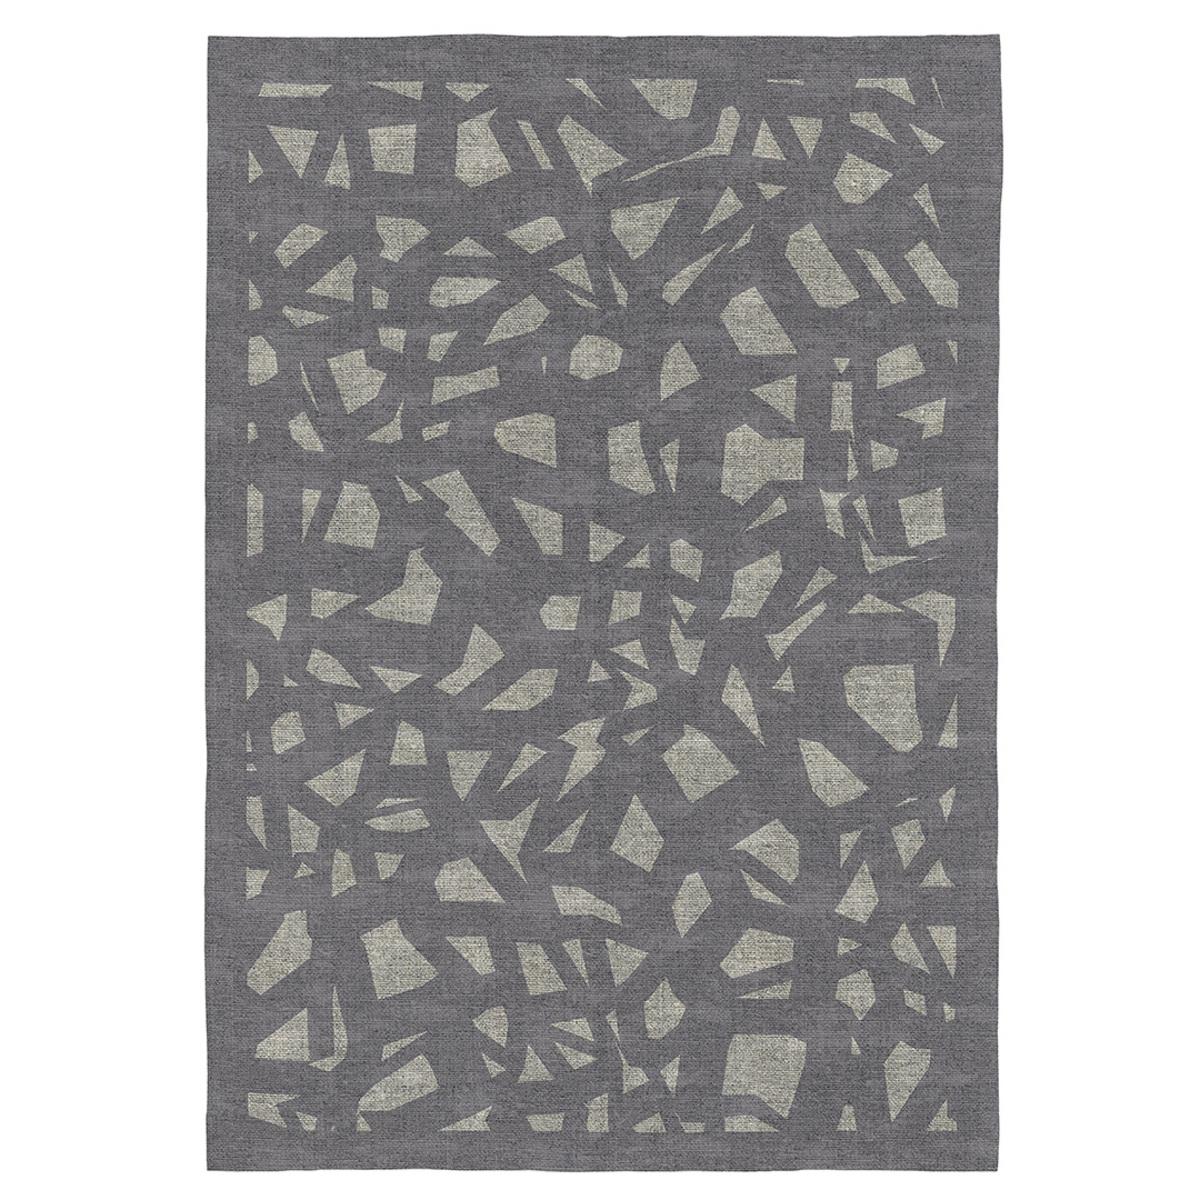 Tapis décoratif en coton imprimé numérique gris 140x200 cm